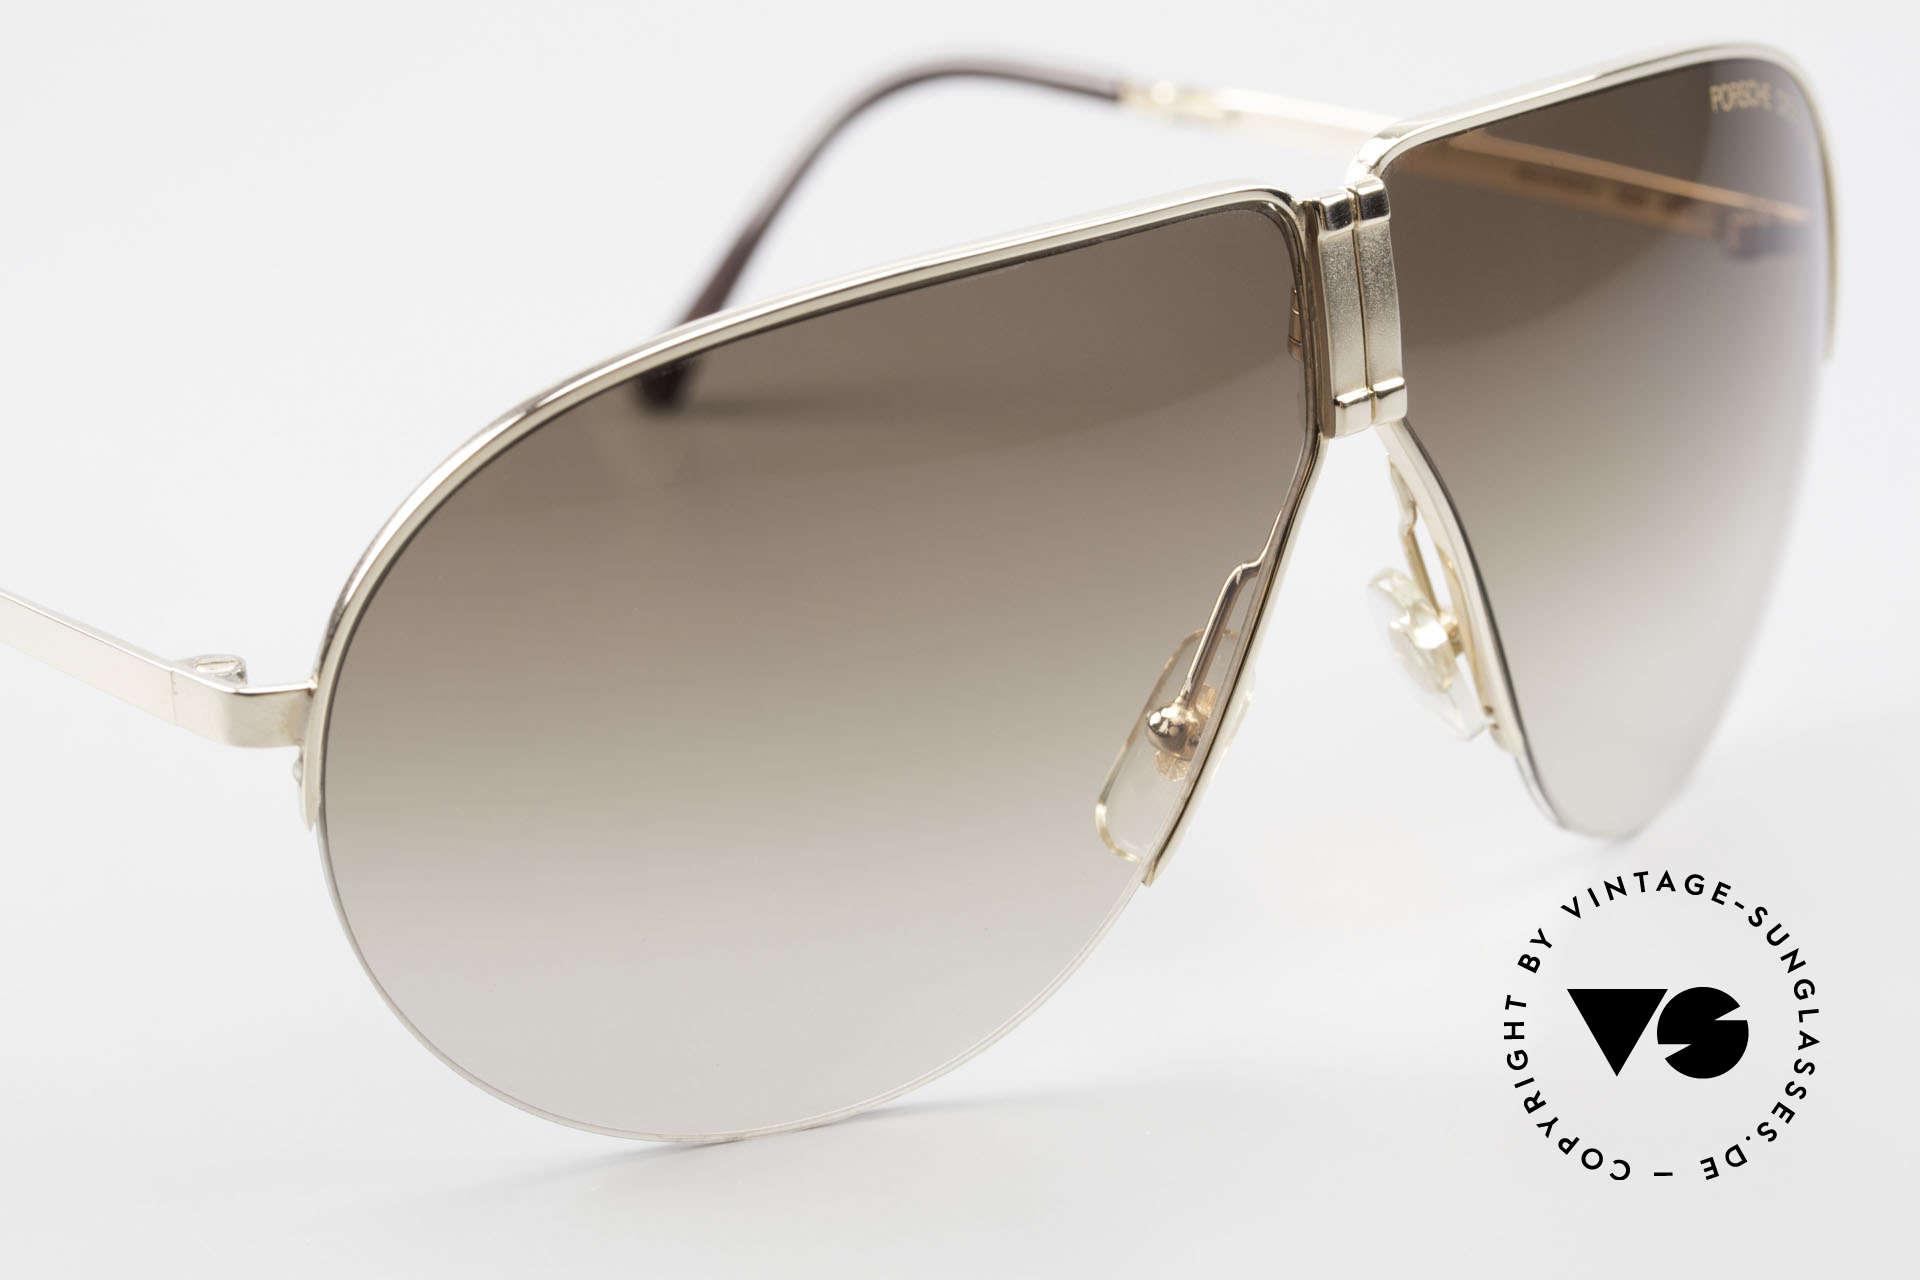 Porsche 5628 Rare 80's Folding Sunglasses, NO RETRO sunglasses; the rare ORIGINAL from 1988!, Made for Men